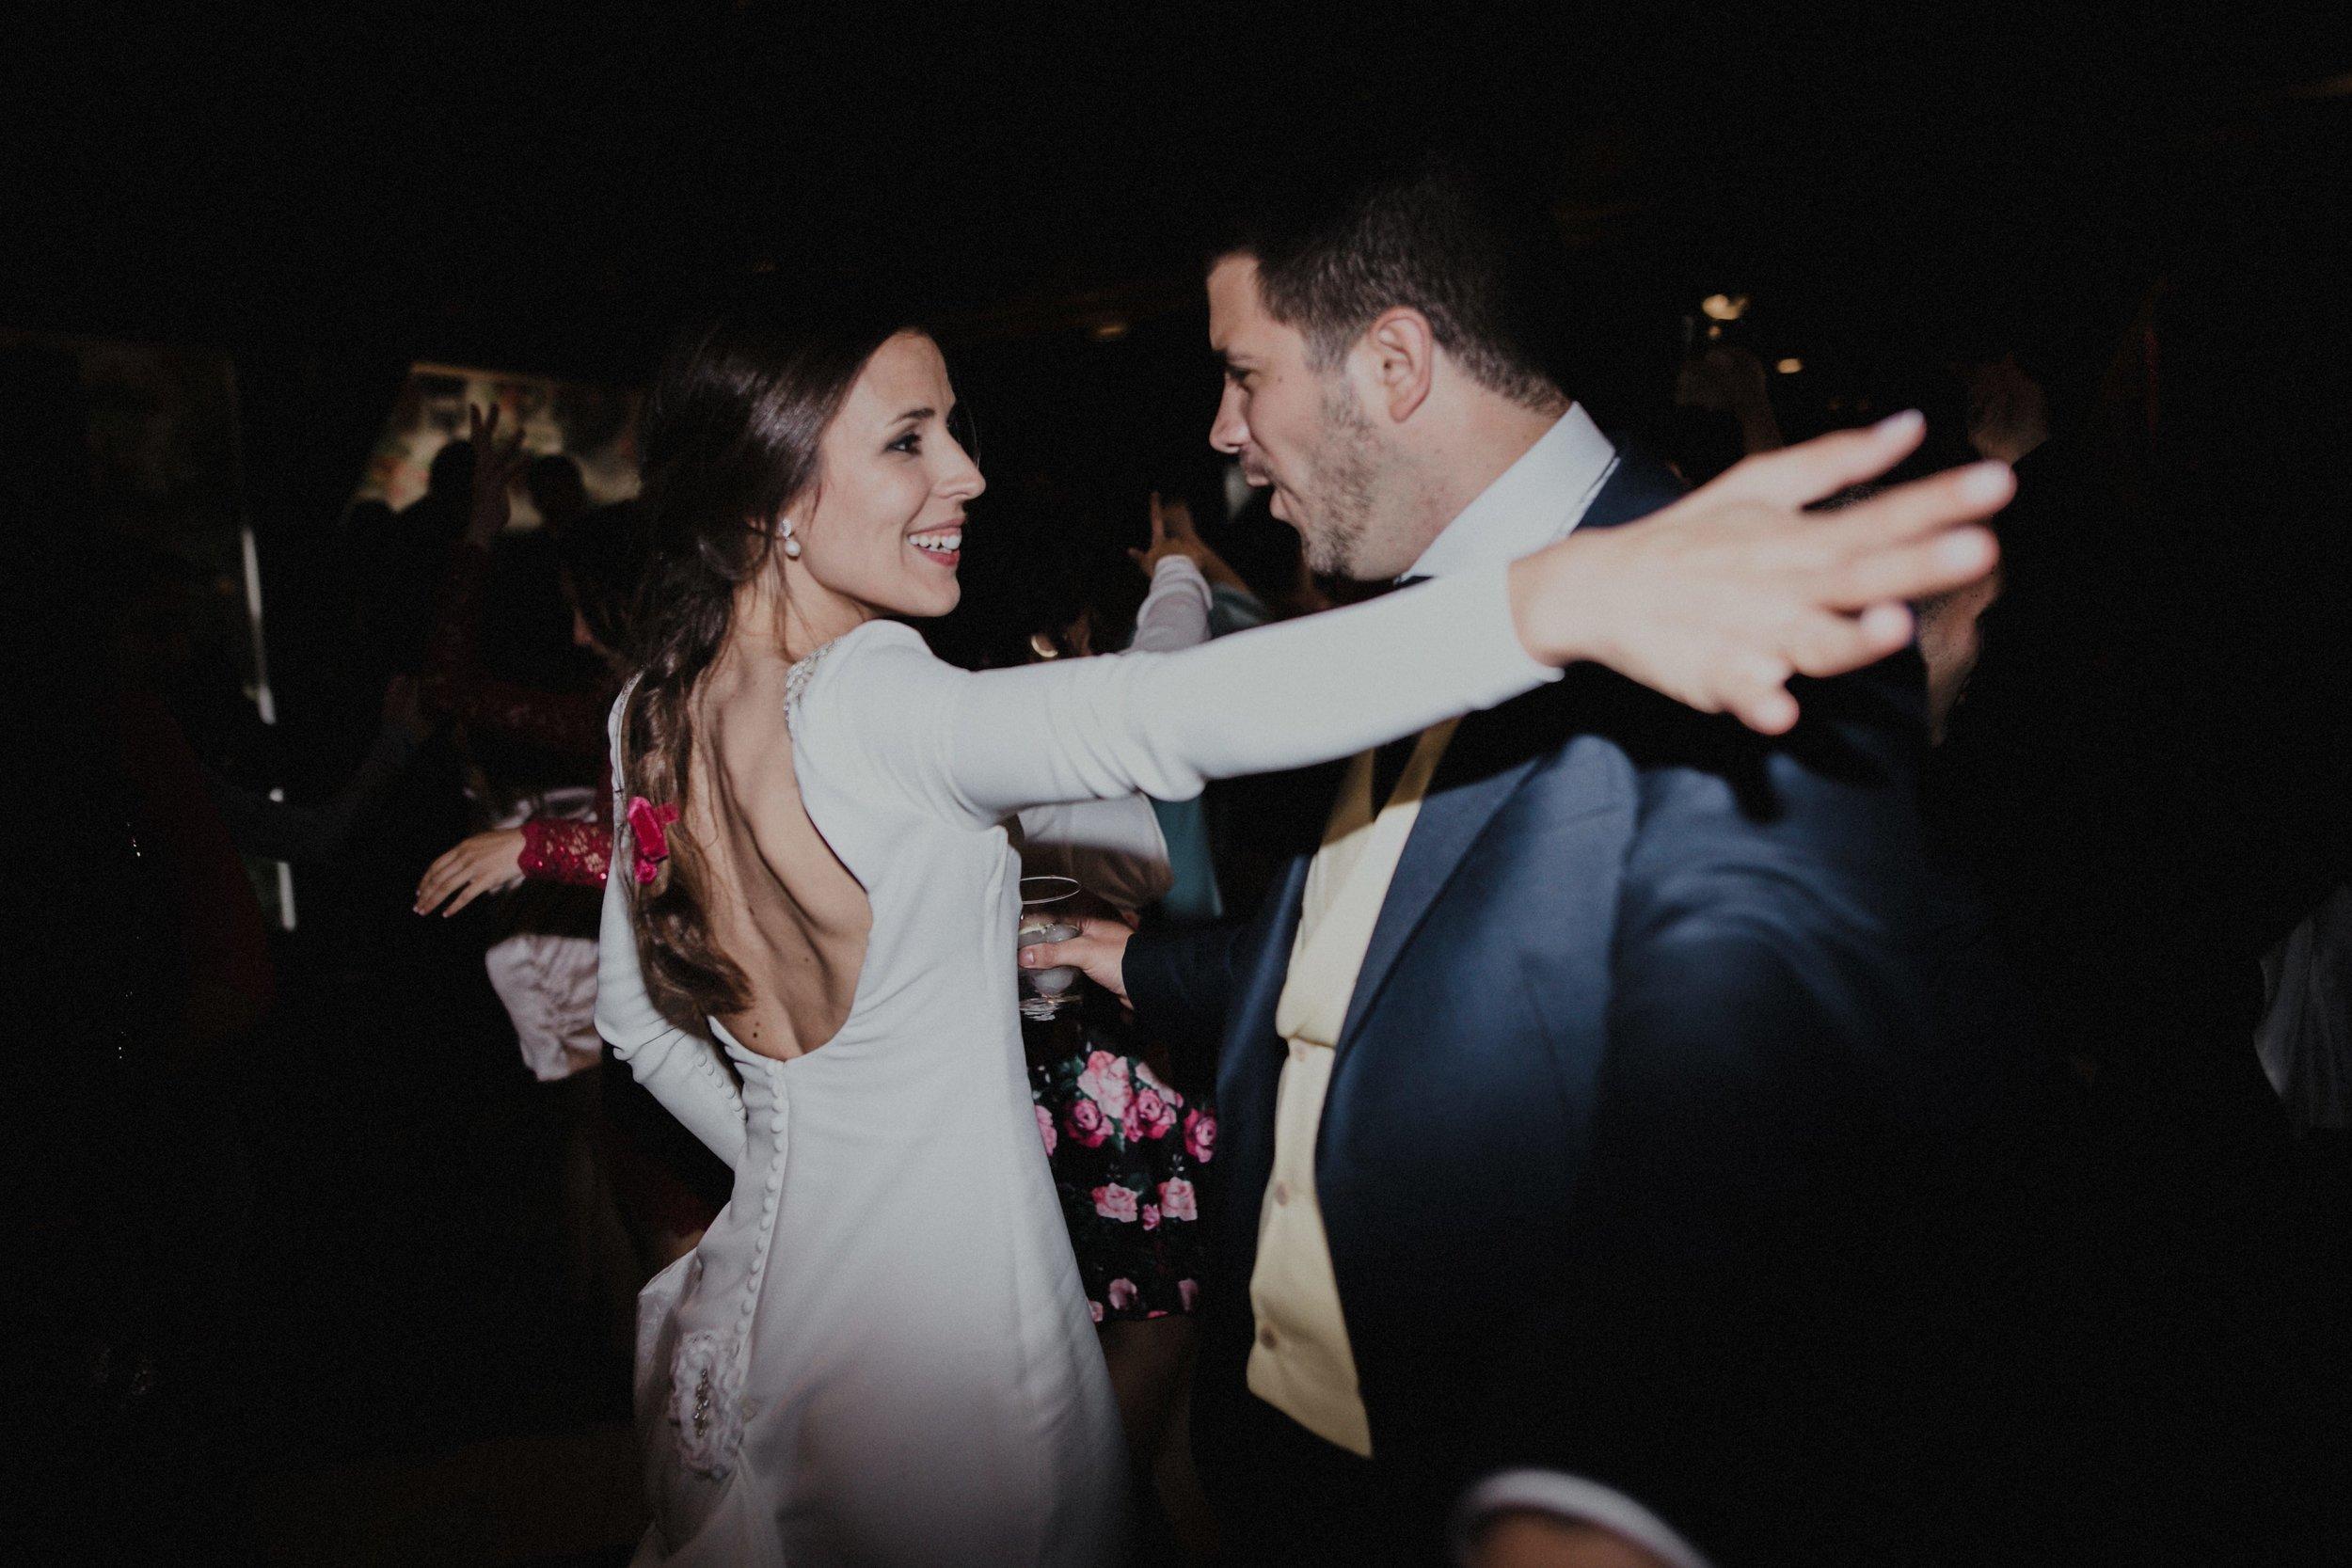 Fotografo de bodas españa serafin castillo wedding photographer spain 918.jpg